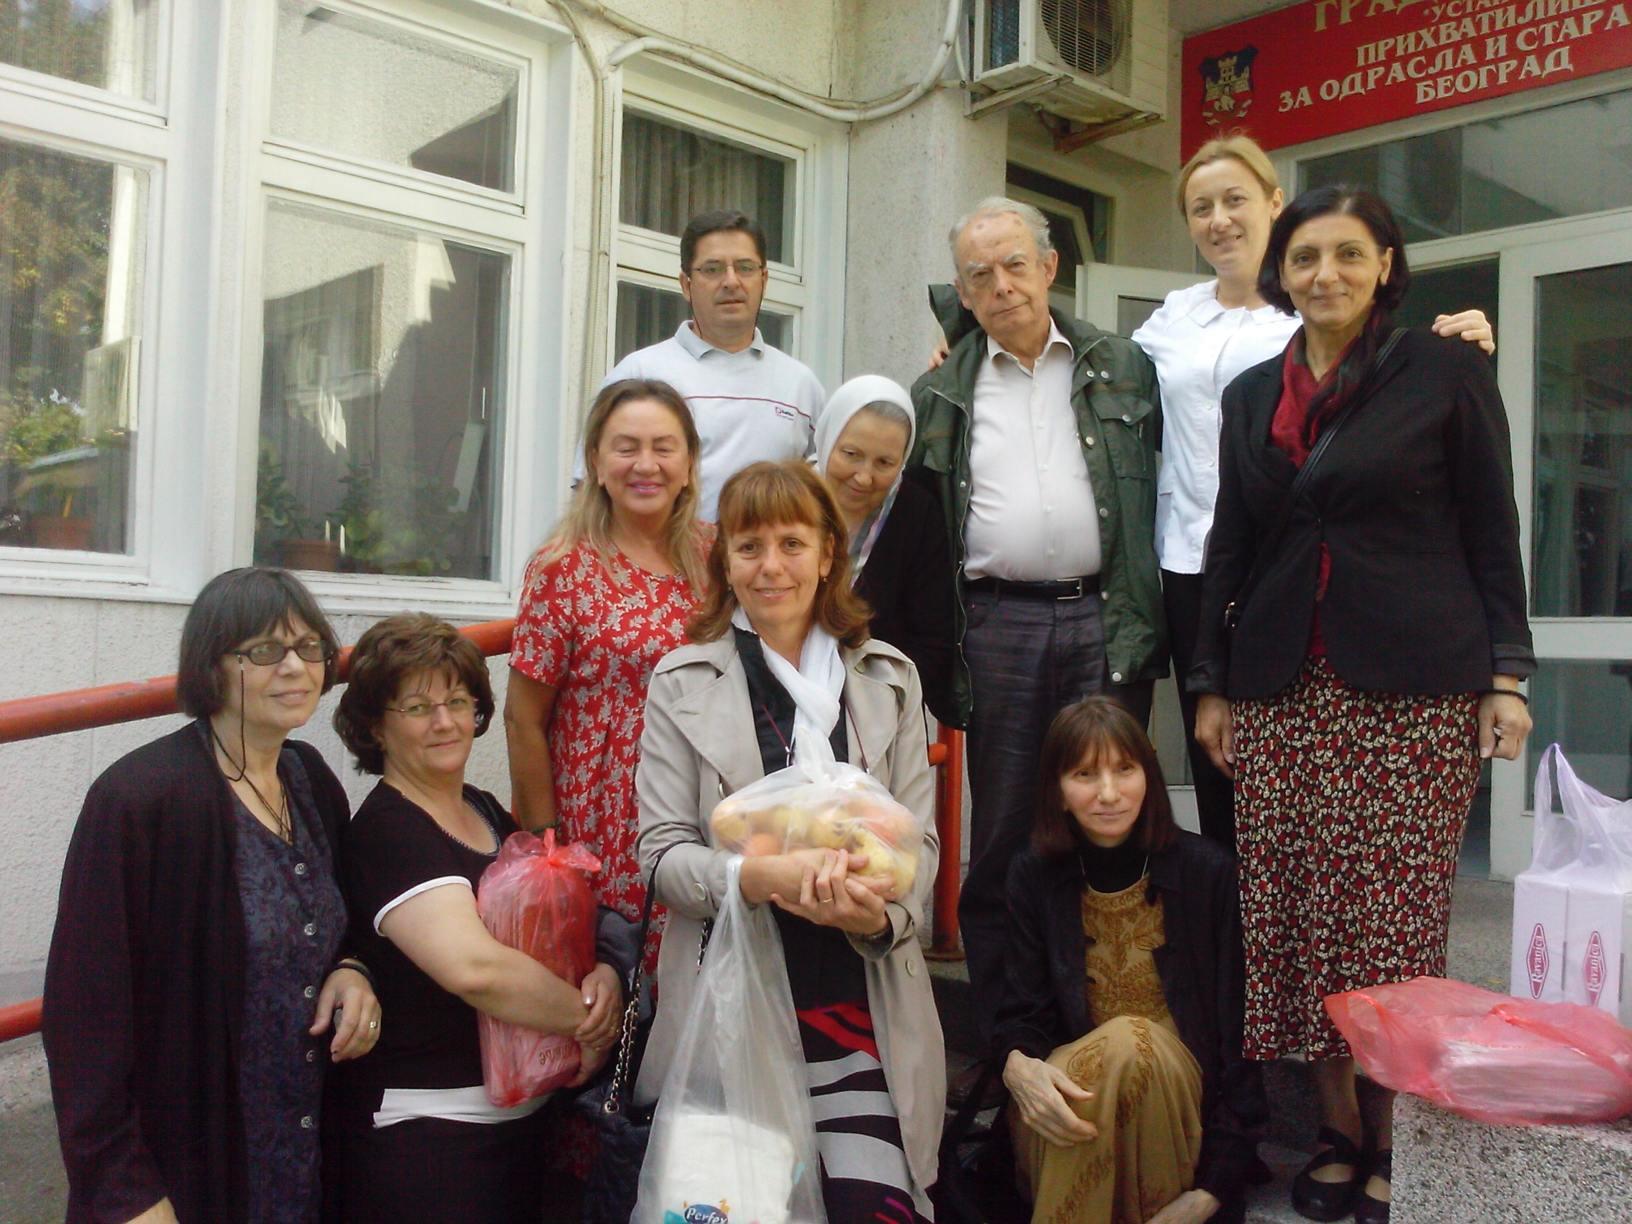 Посета прихватилишту за одрасла и стара лица у Београду 02.10.2016.год.